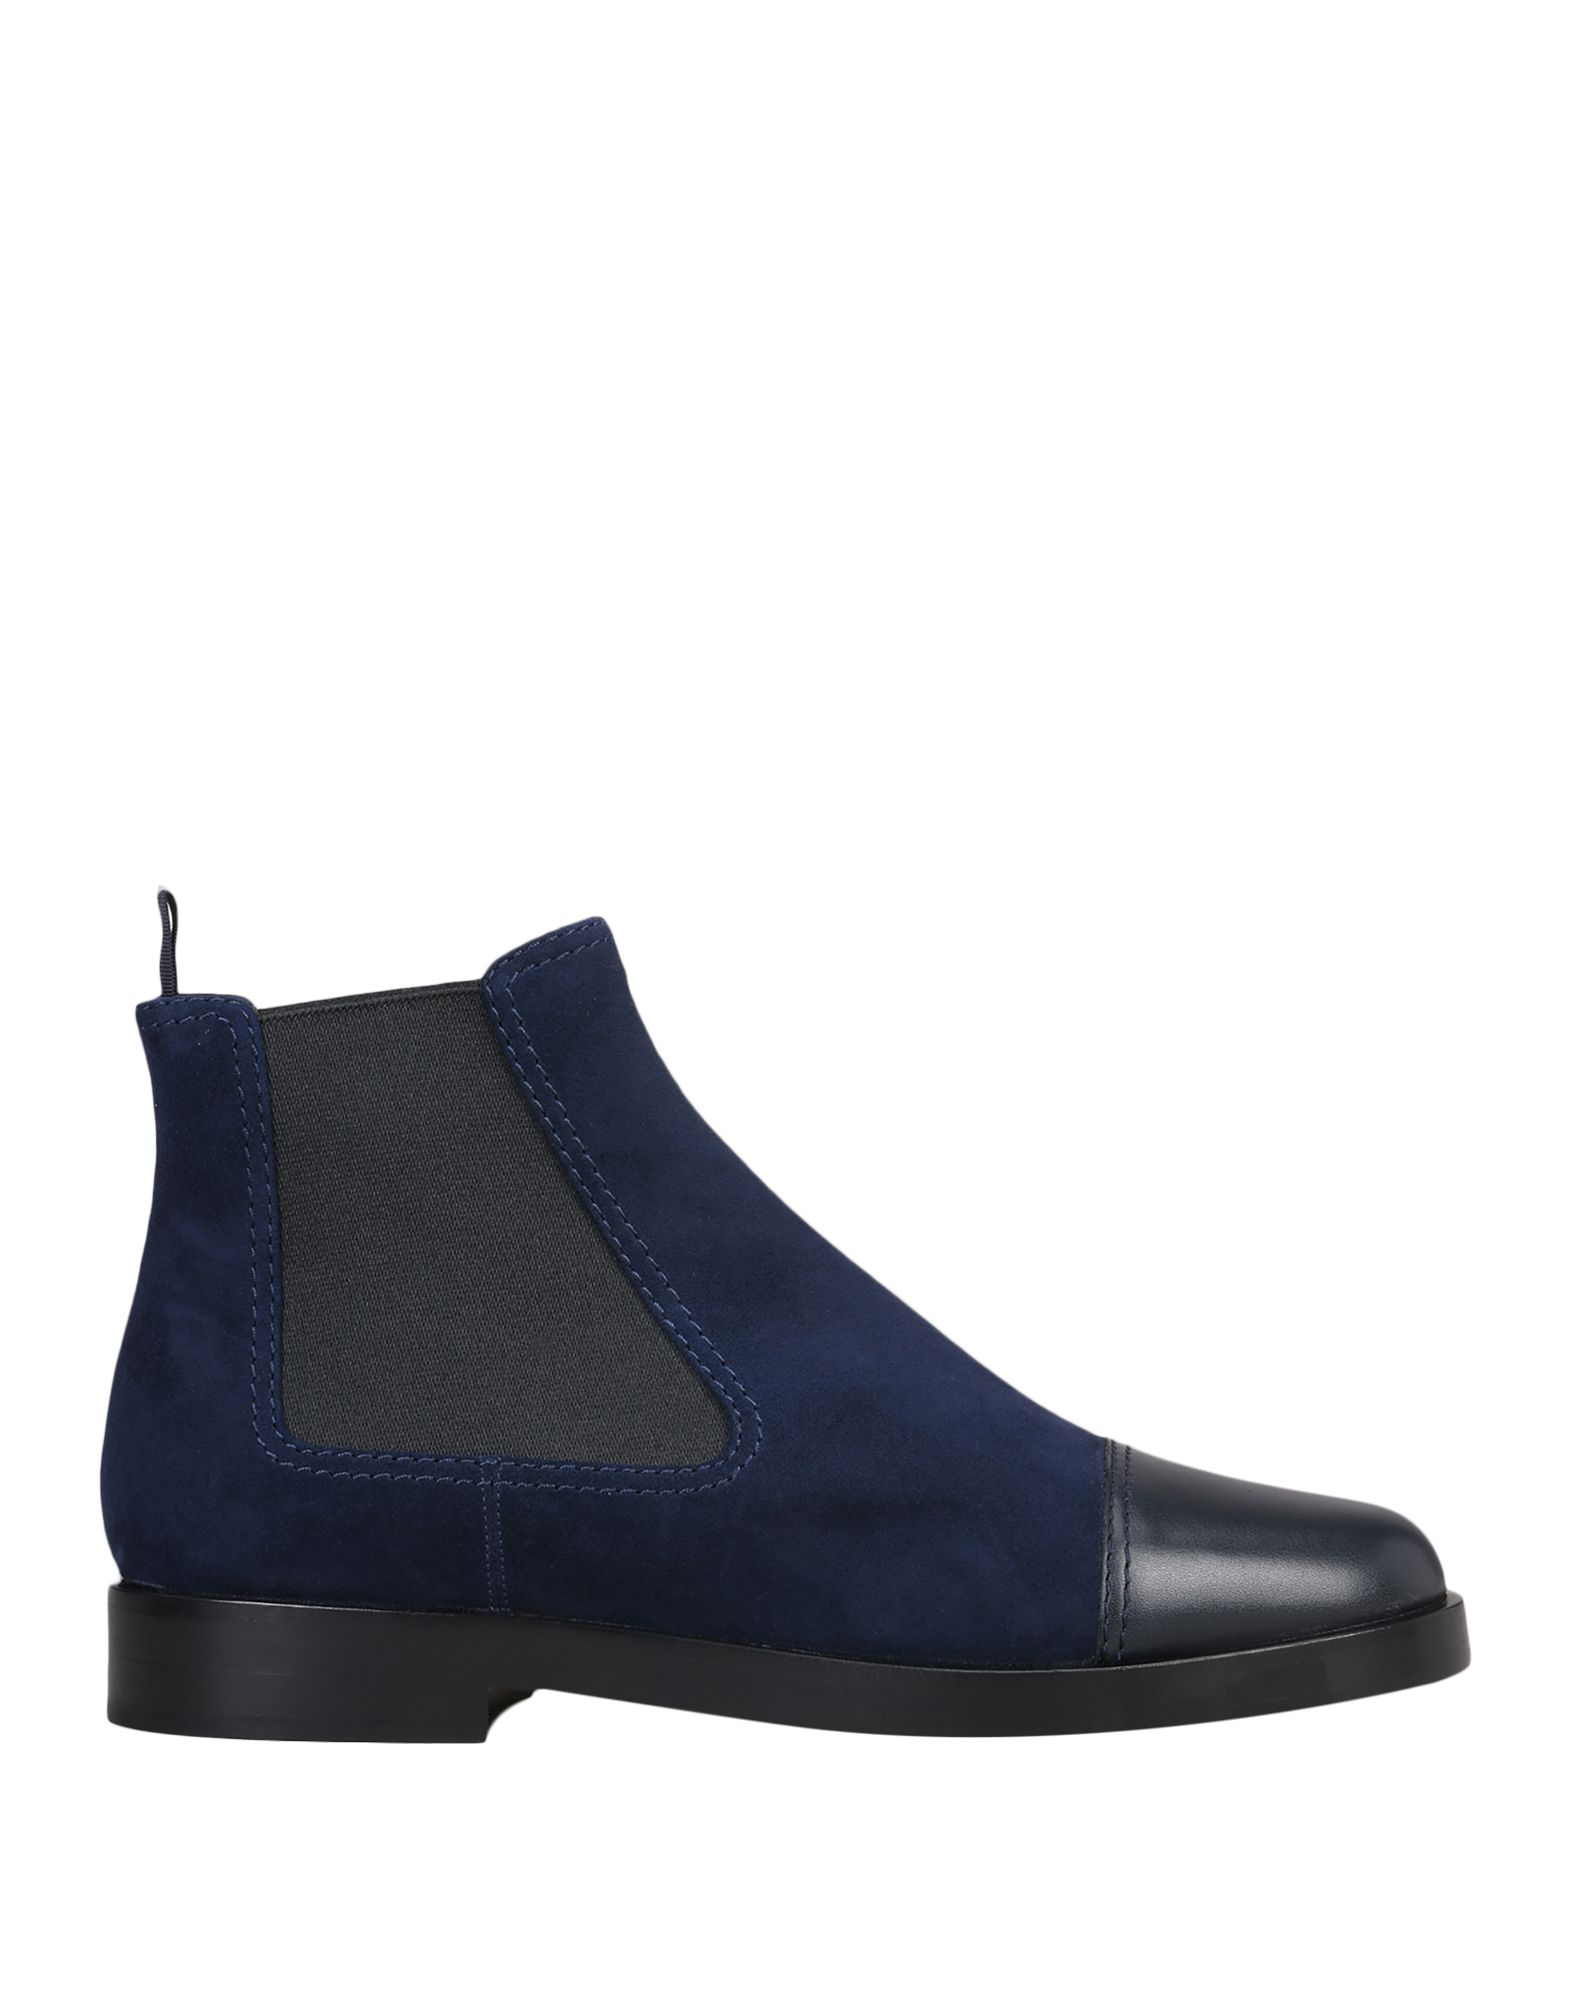 GIORGIO ARMANI Полусапоги и высокие ботинки giorgio 1958 полусапоги и высокие ботинки